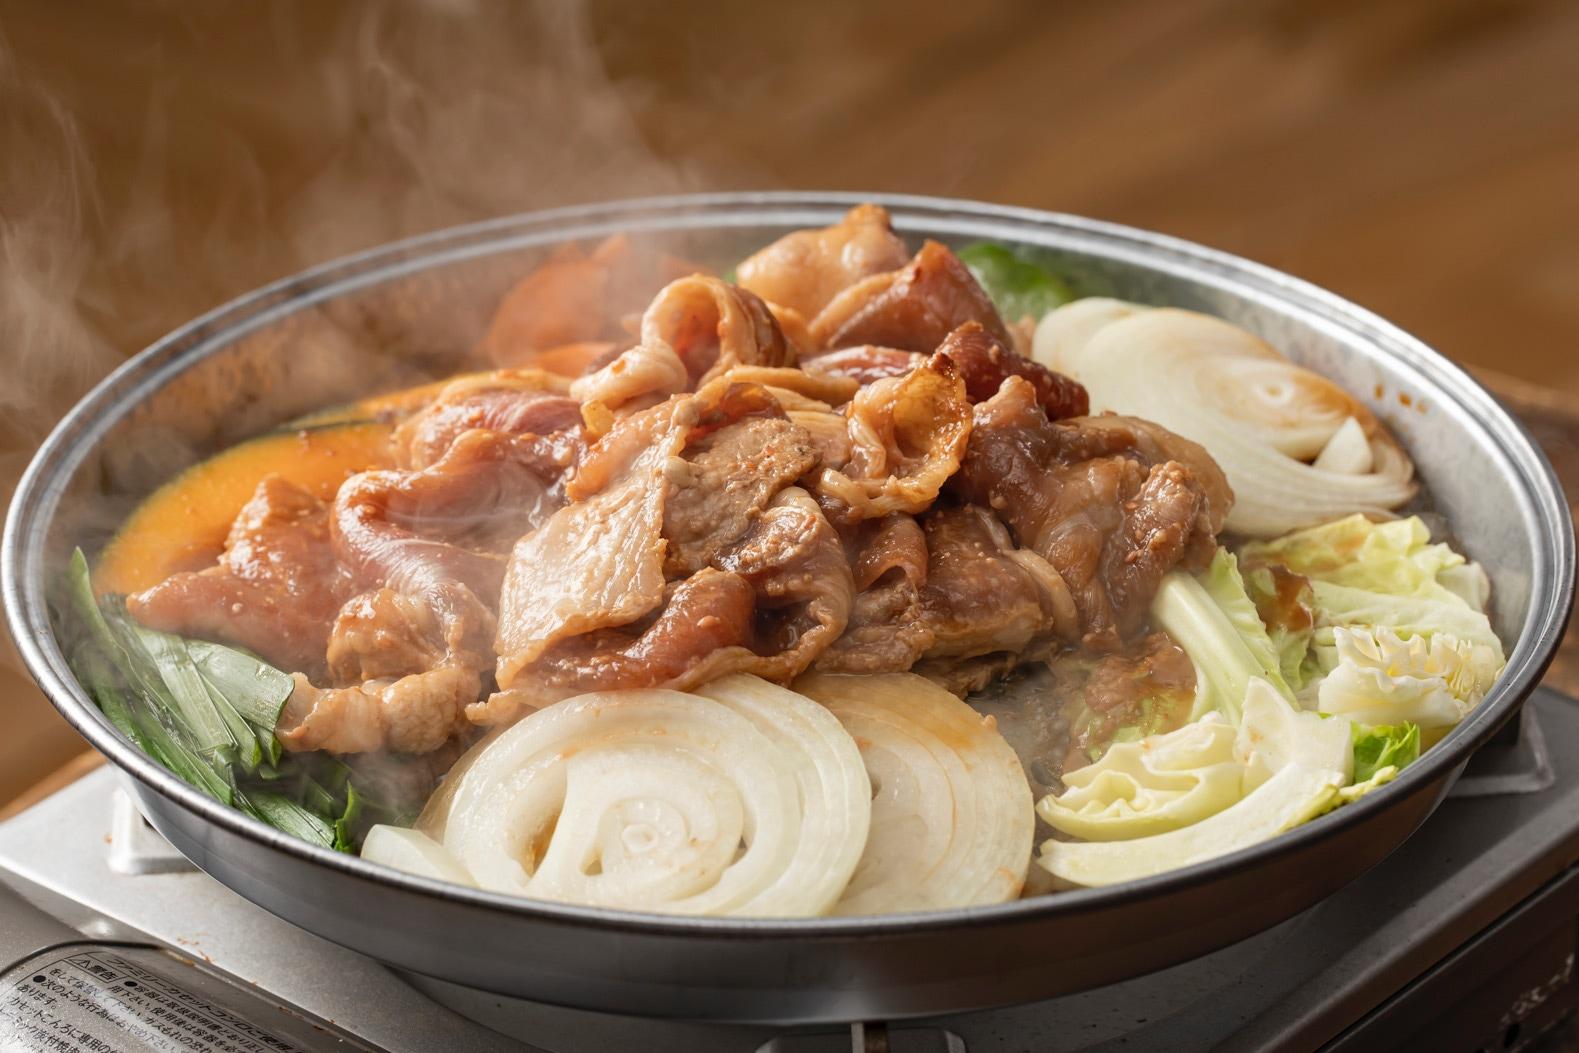 ジンギスカン鍋の中の味付け豚肉と野菜(かぼちゃ・人参・ニラ・玉ねぎ・ピーマン・キャベツ),小料理なごみの「きたひろぶたジンギスカン」